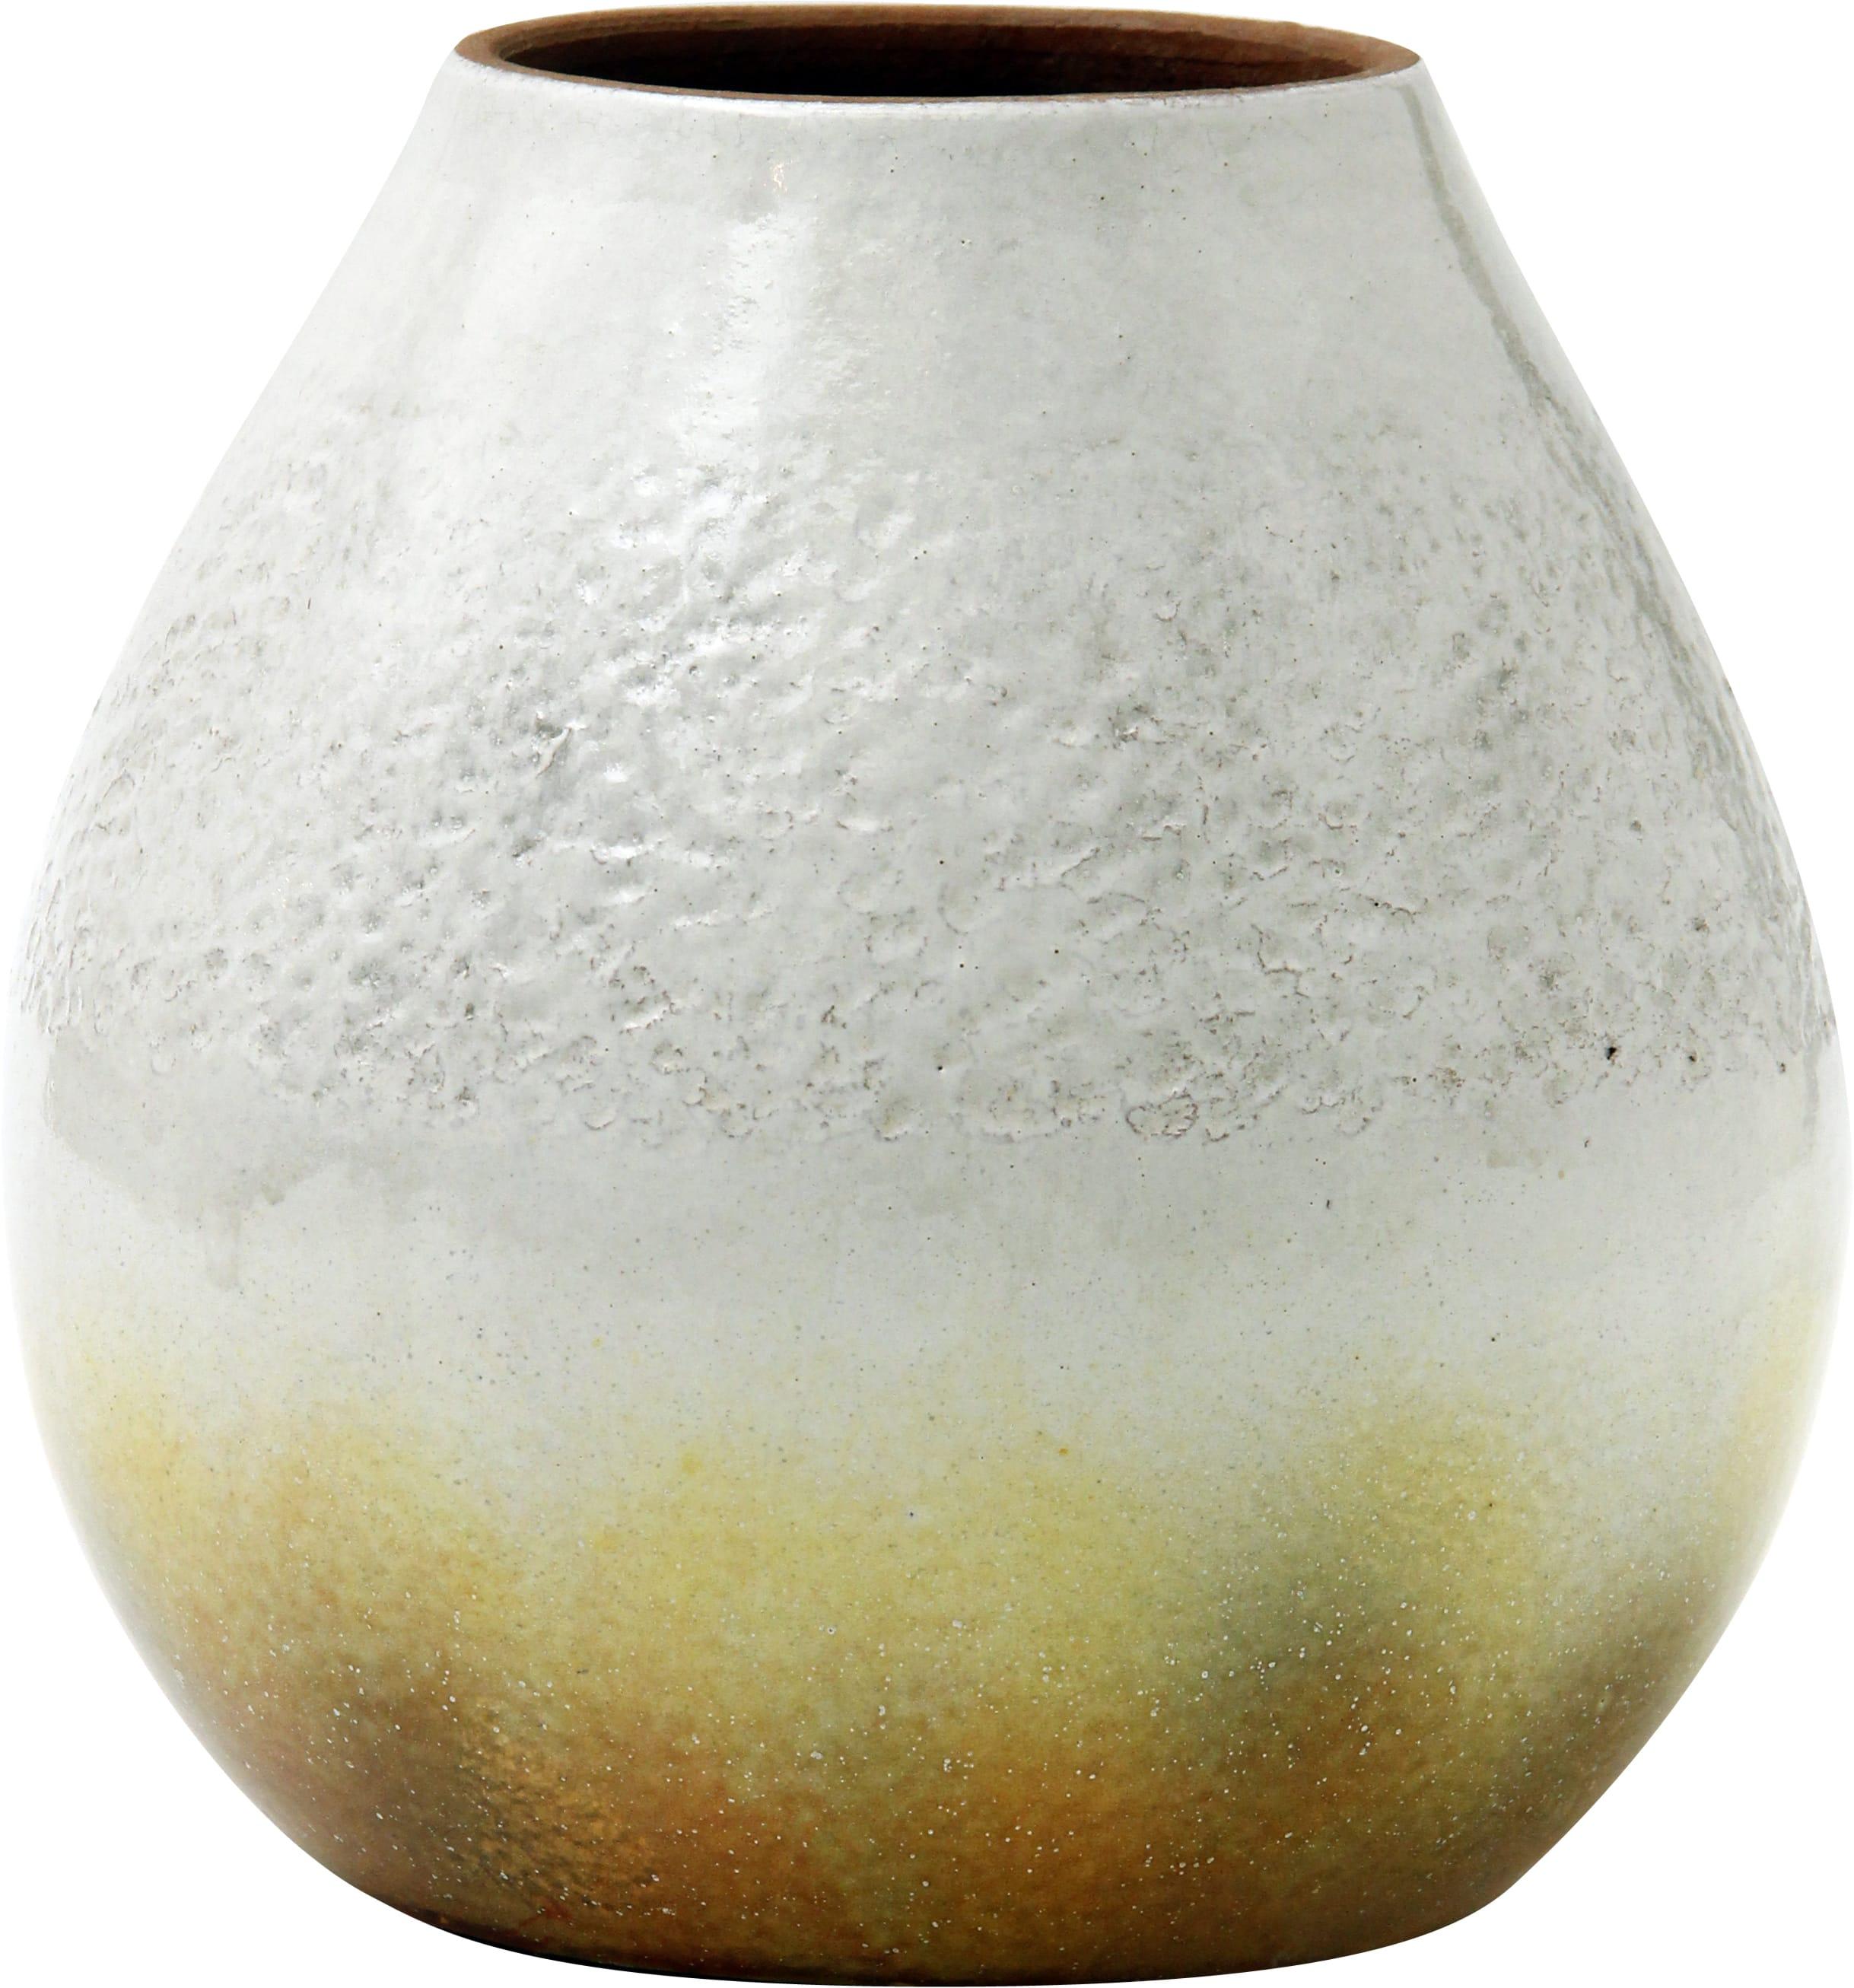 https://www.designidk.com/images/2289/tree-terracotta-sunrise-vase-475jpg